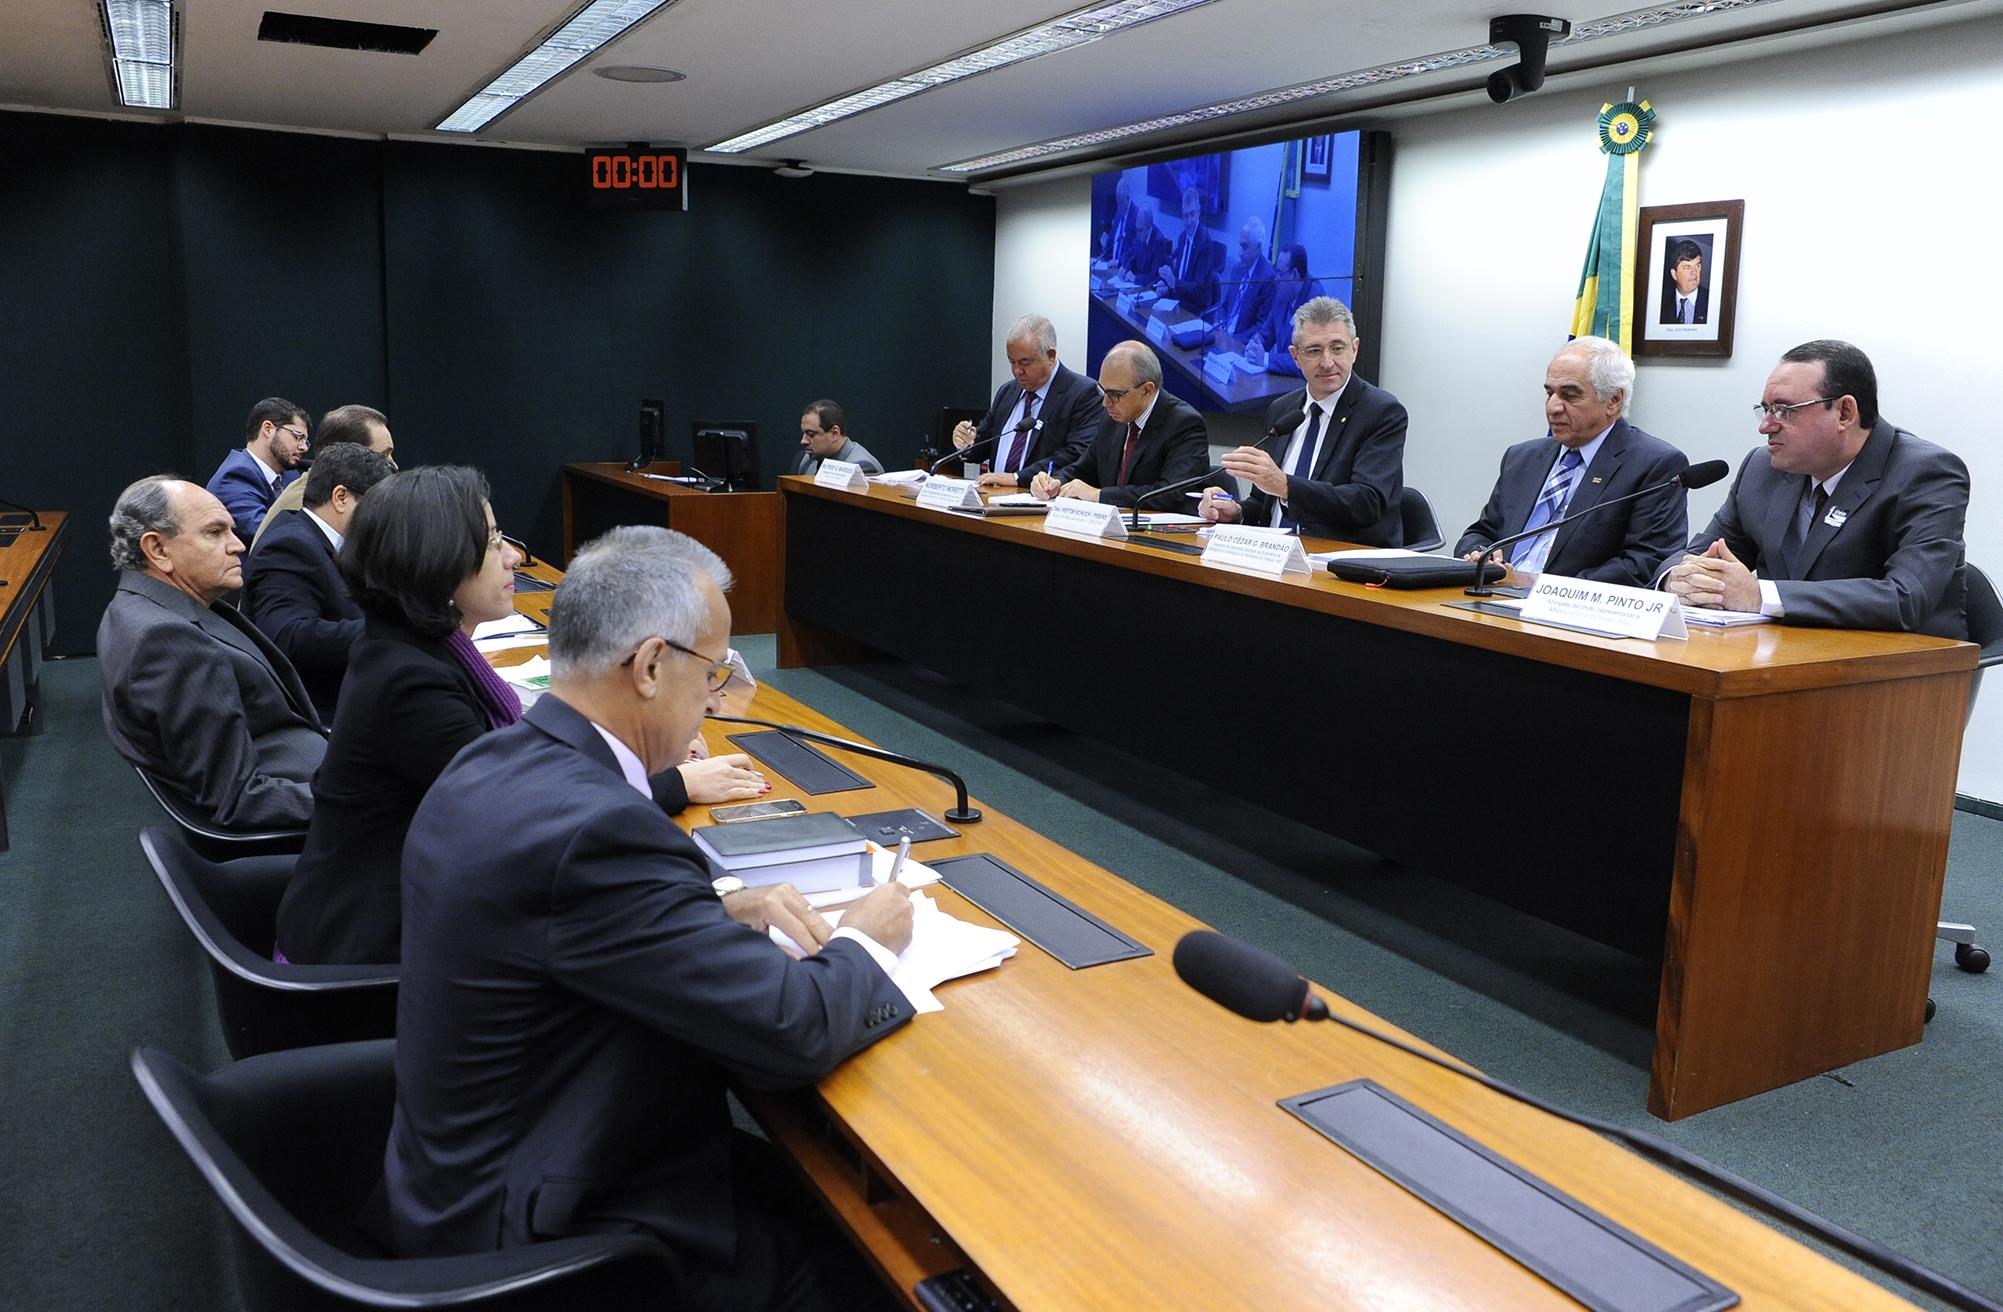 Audiência pública sobre o o PL 4059/12, que regula a compra de terras brasileiras por estrangeiros